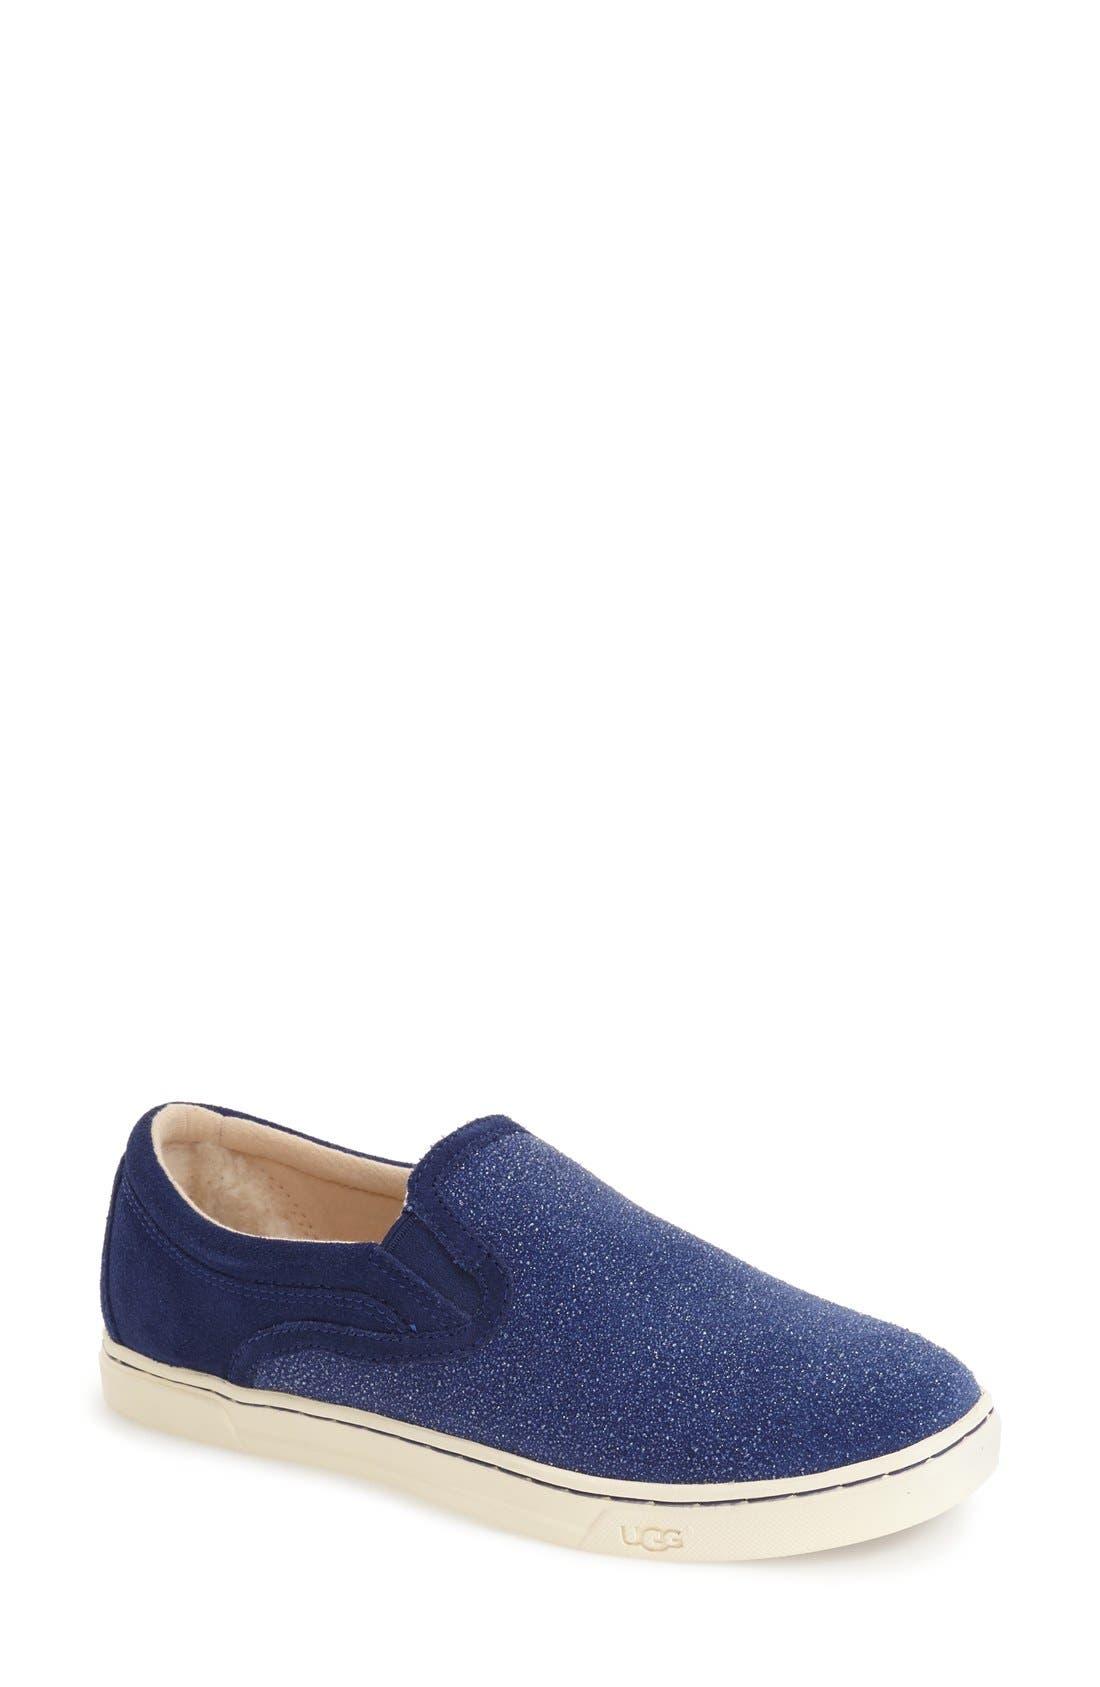 Alternate Image 1 Selected - UGG® Fierce Slip-On Sneaker (Women)